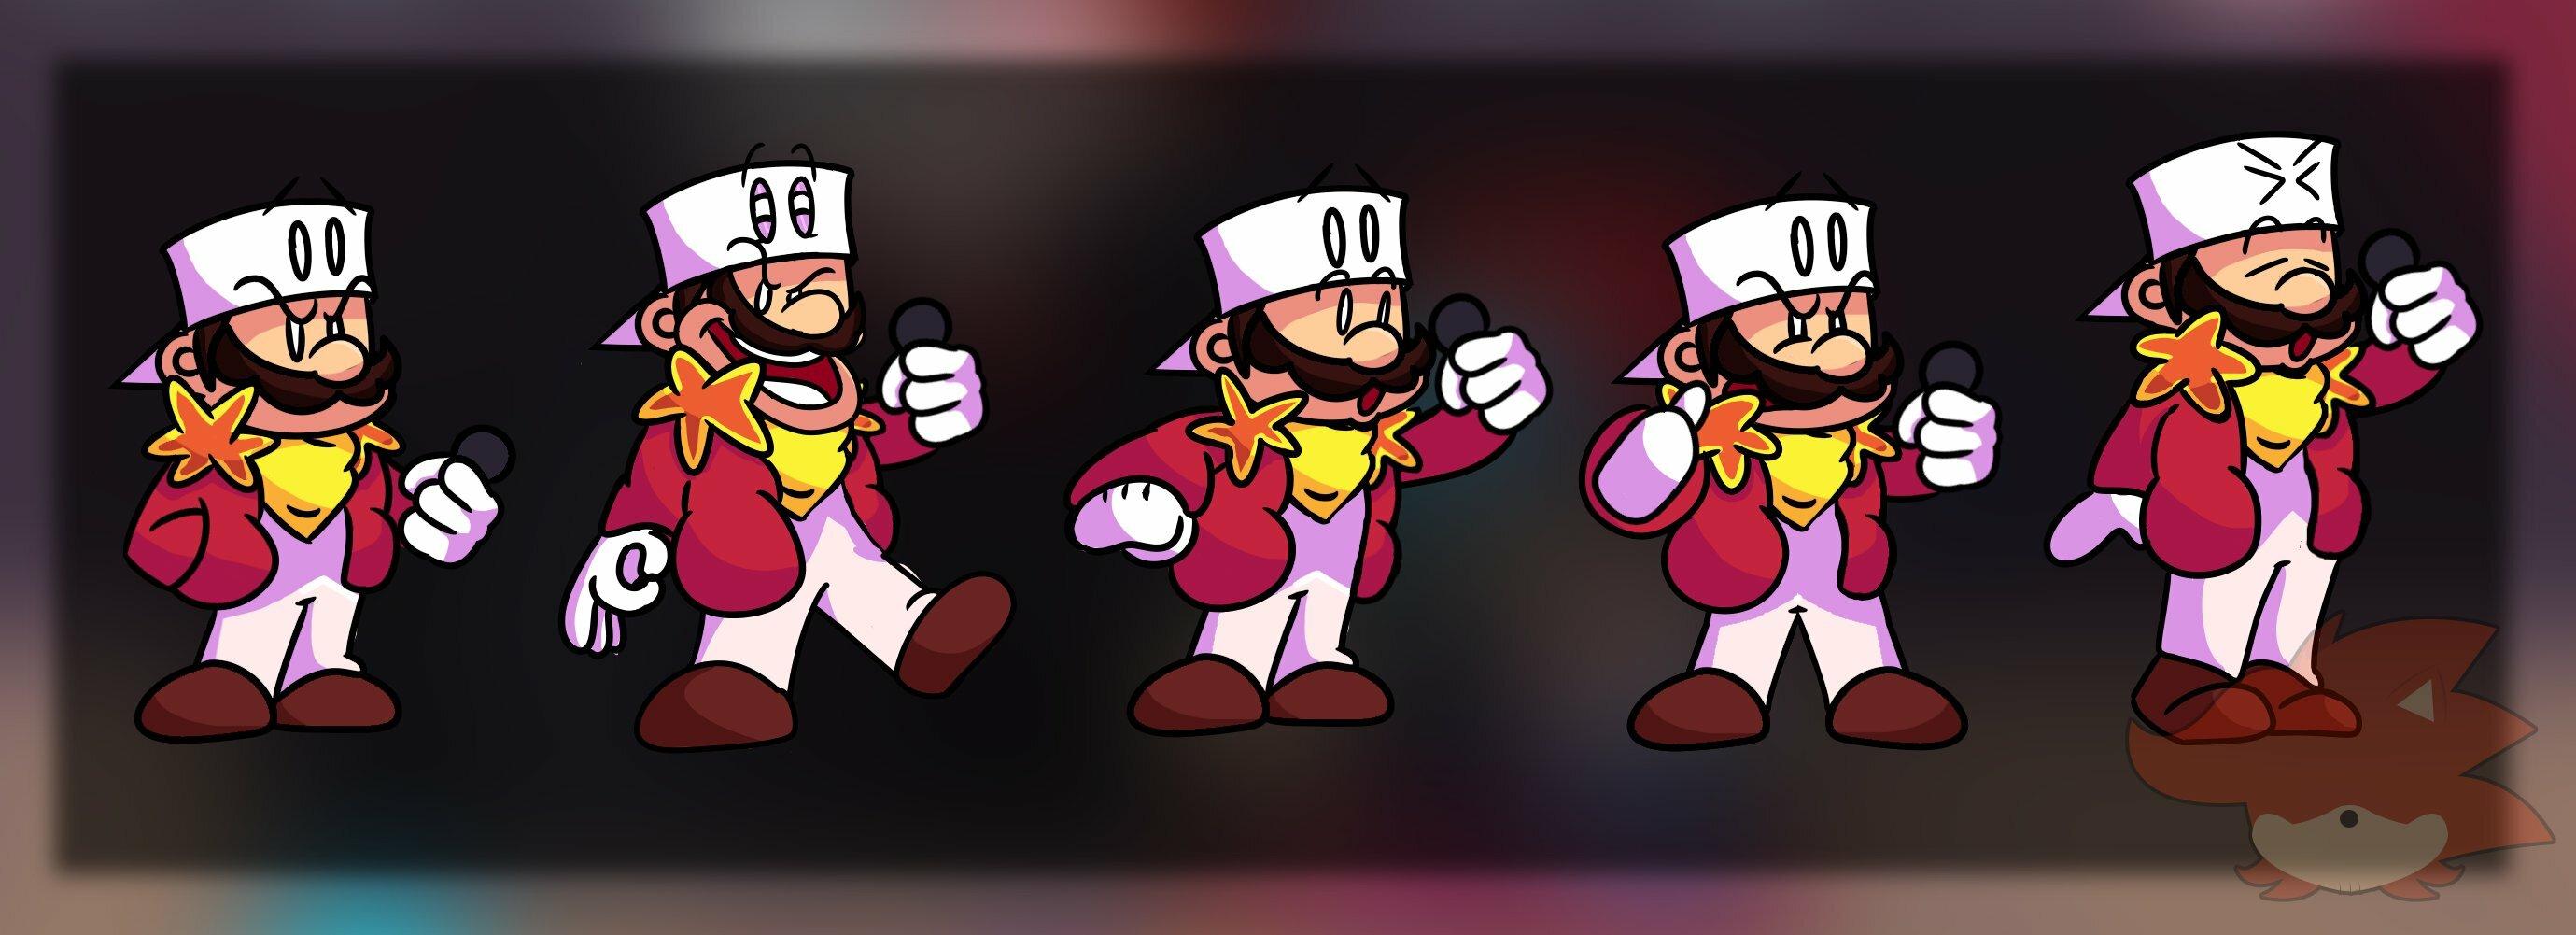 FNF: Fire Mario Fan